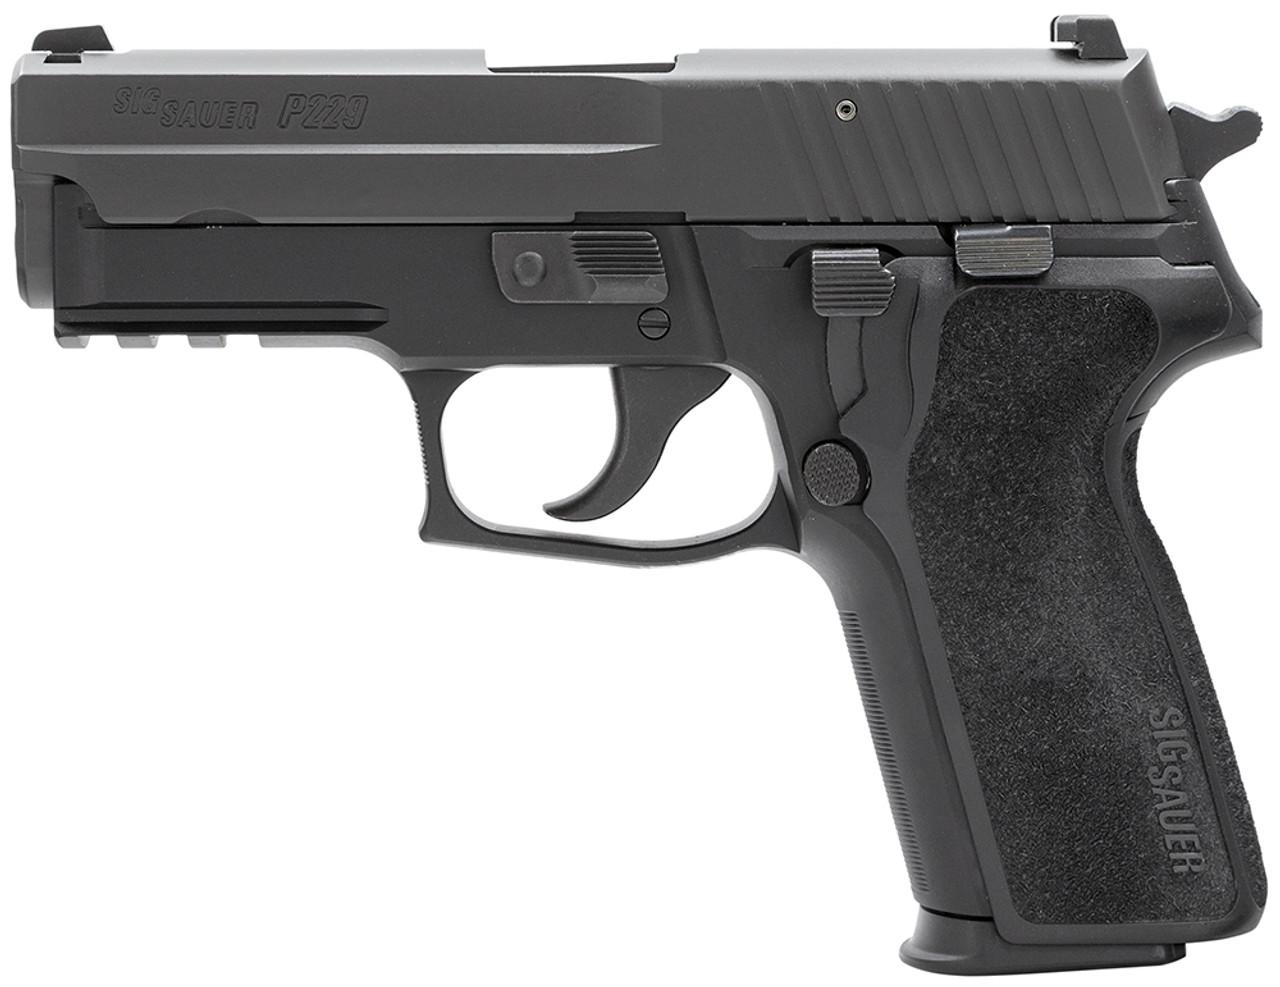 Sig Sauer P229 CALIFORNIA LEGAL - 9mm